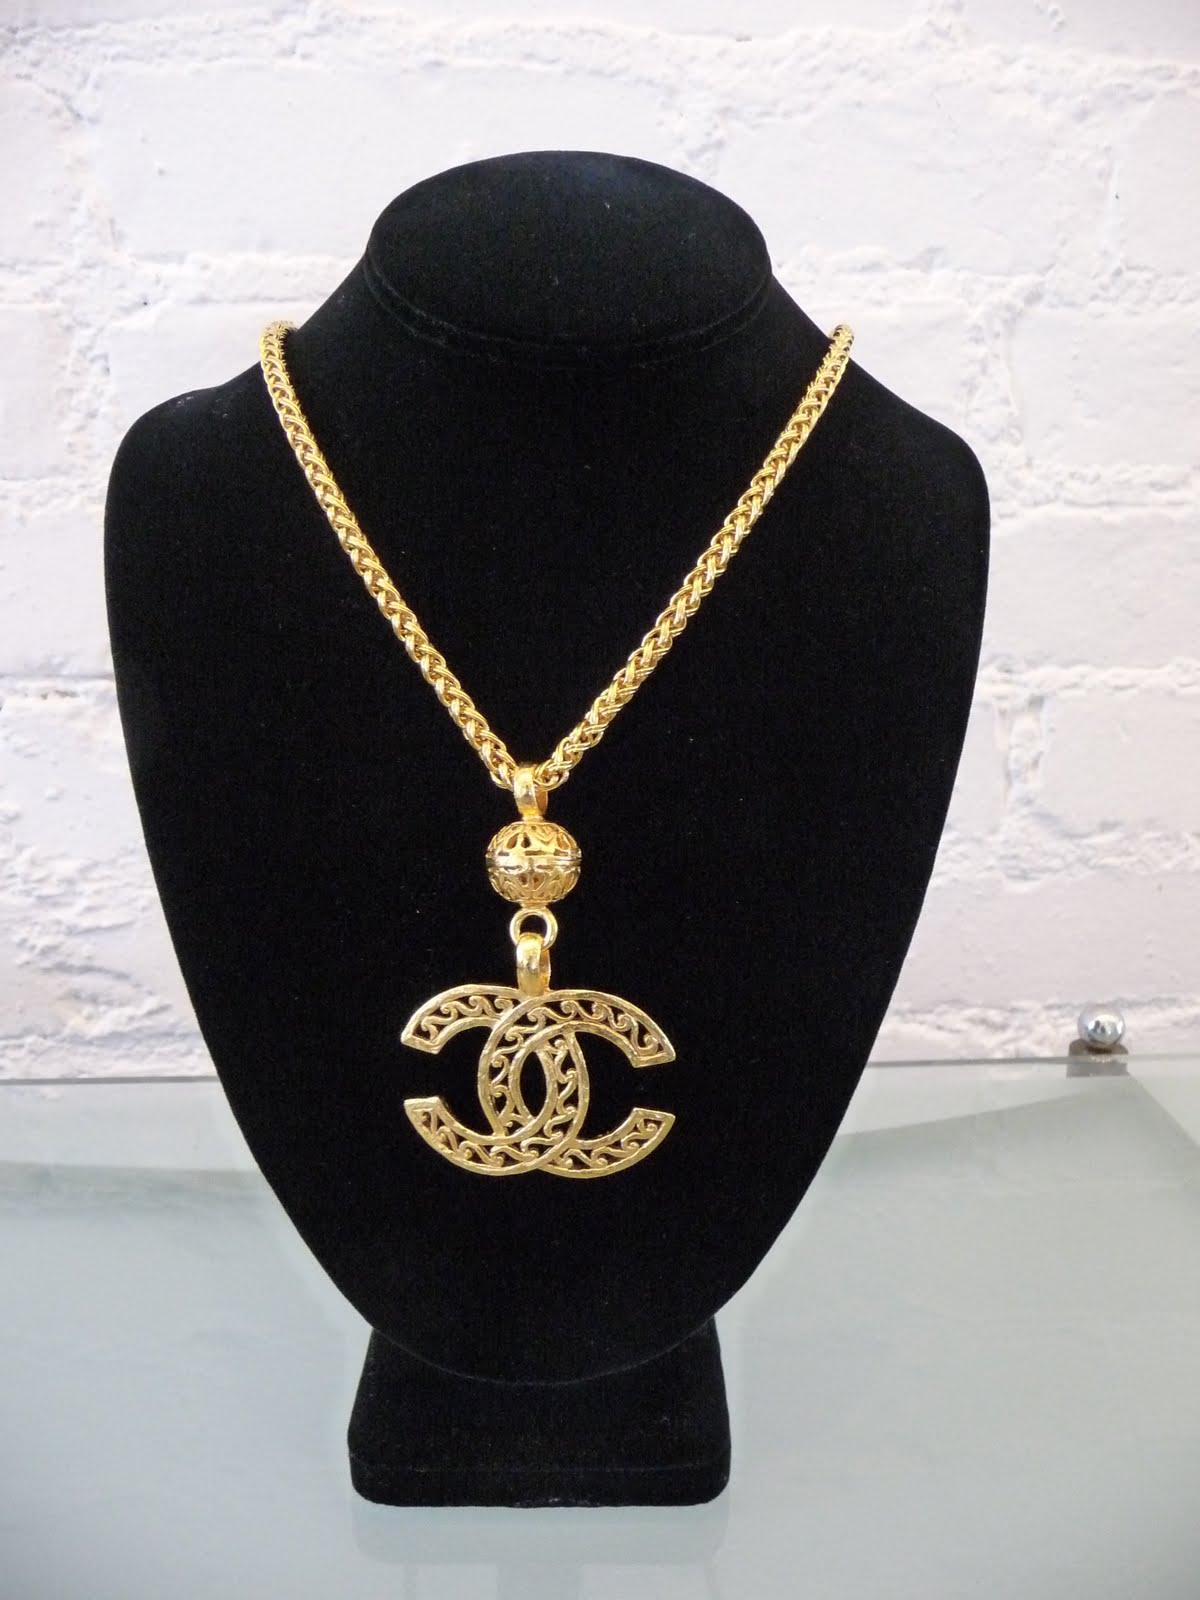 http://4.bp.blogspot.com/_9g1xXeNqBDQ/TL_LX54vh_I/AAAAAAAAUmg/0kaFCWKc7oE/s1600/Chanel_GoldCCLogoPendant_c.80s_KBA10_%241400.JPG